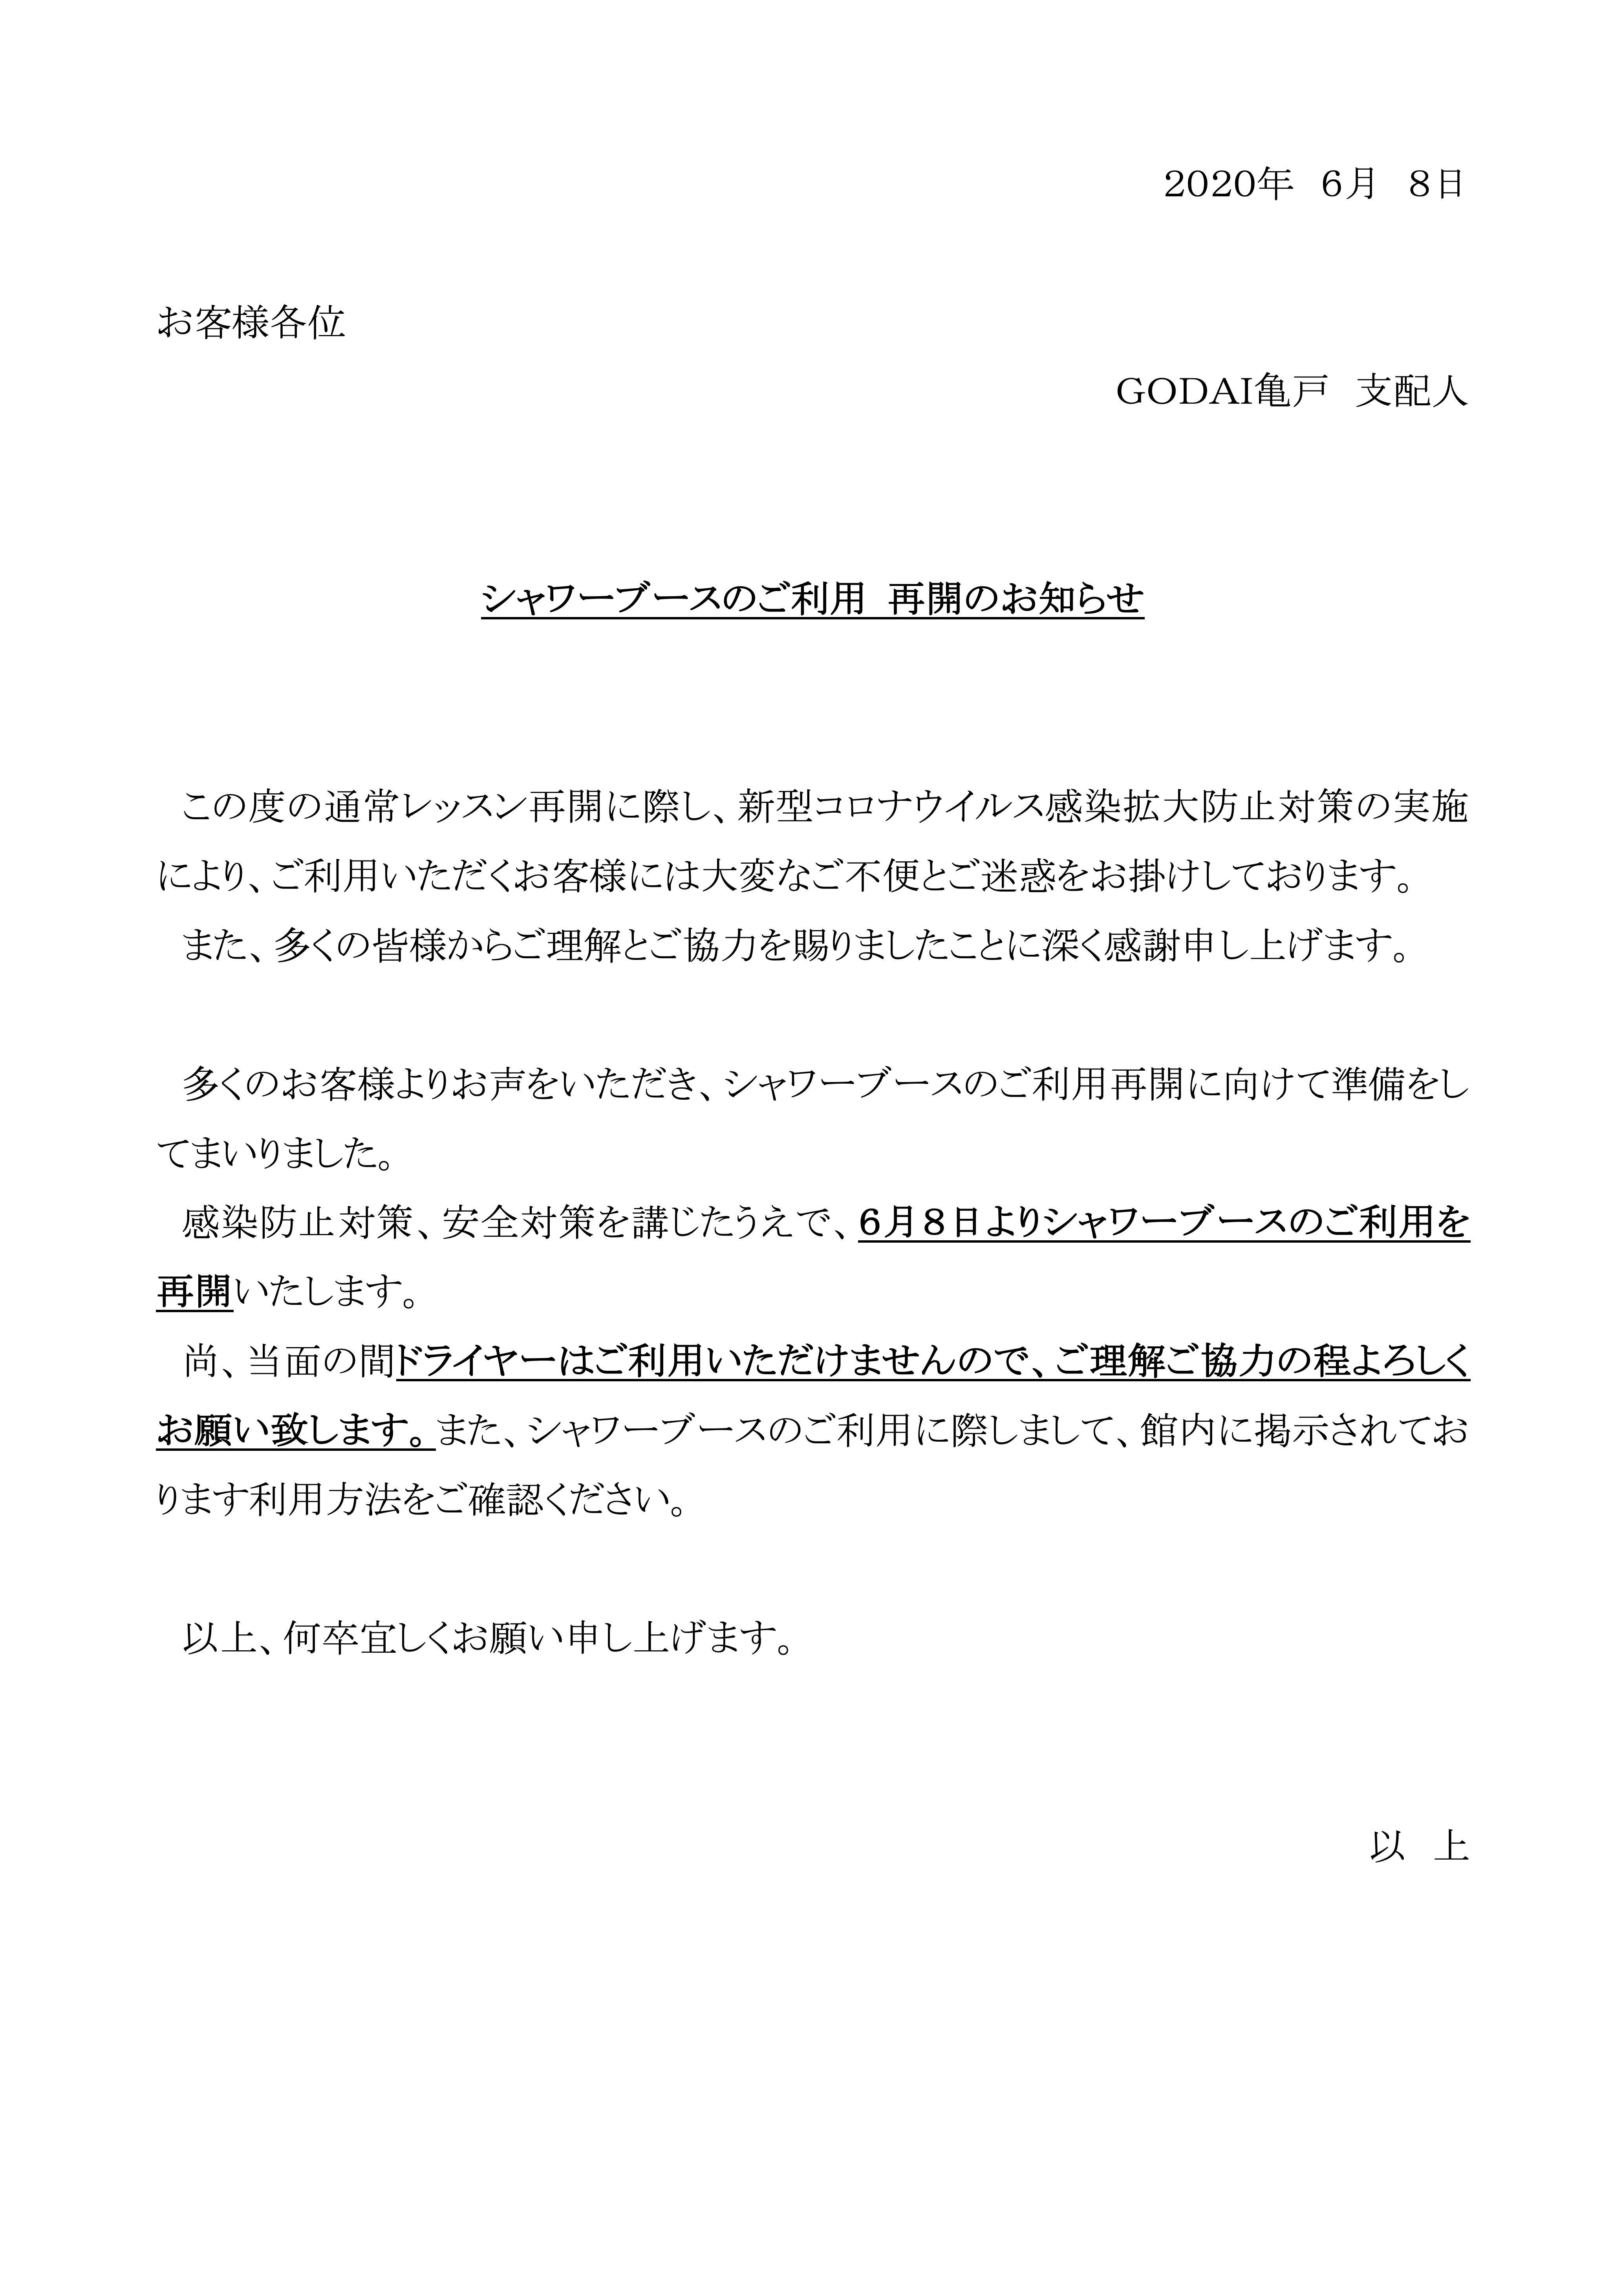 (亀戸)シャワーブース利用再開のお知らせ20200608.jpg